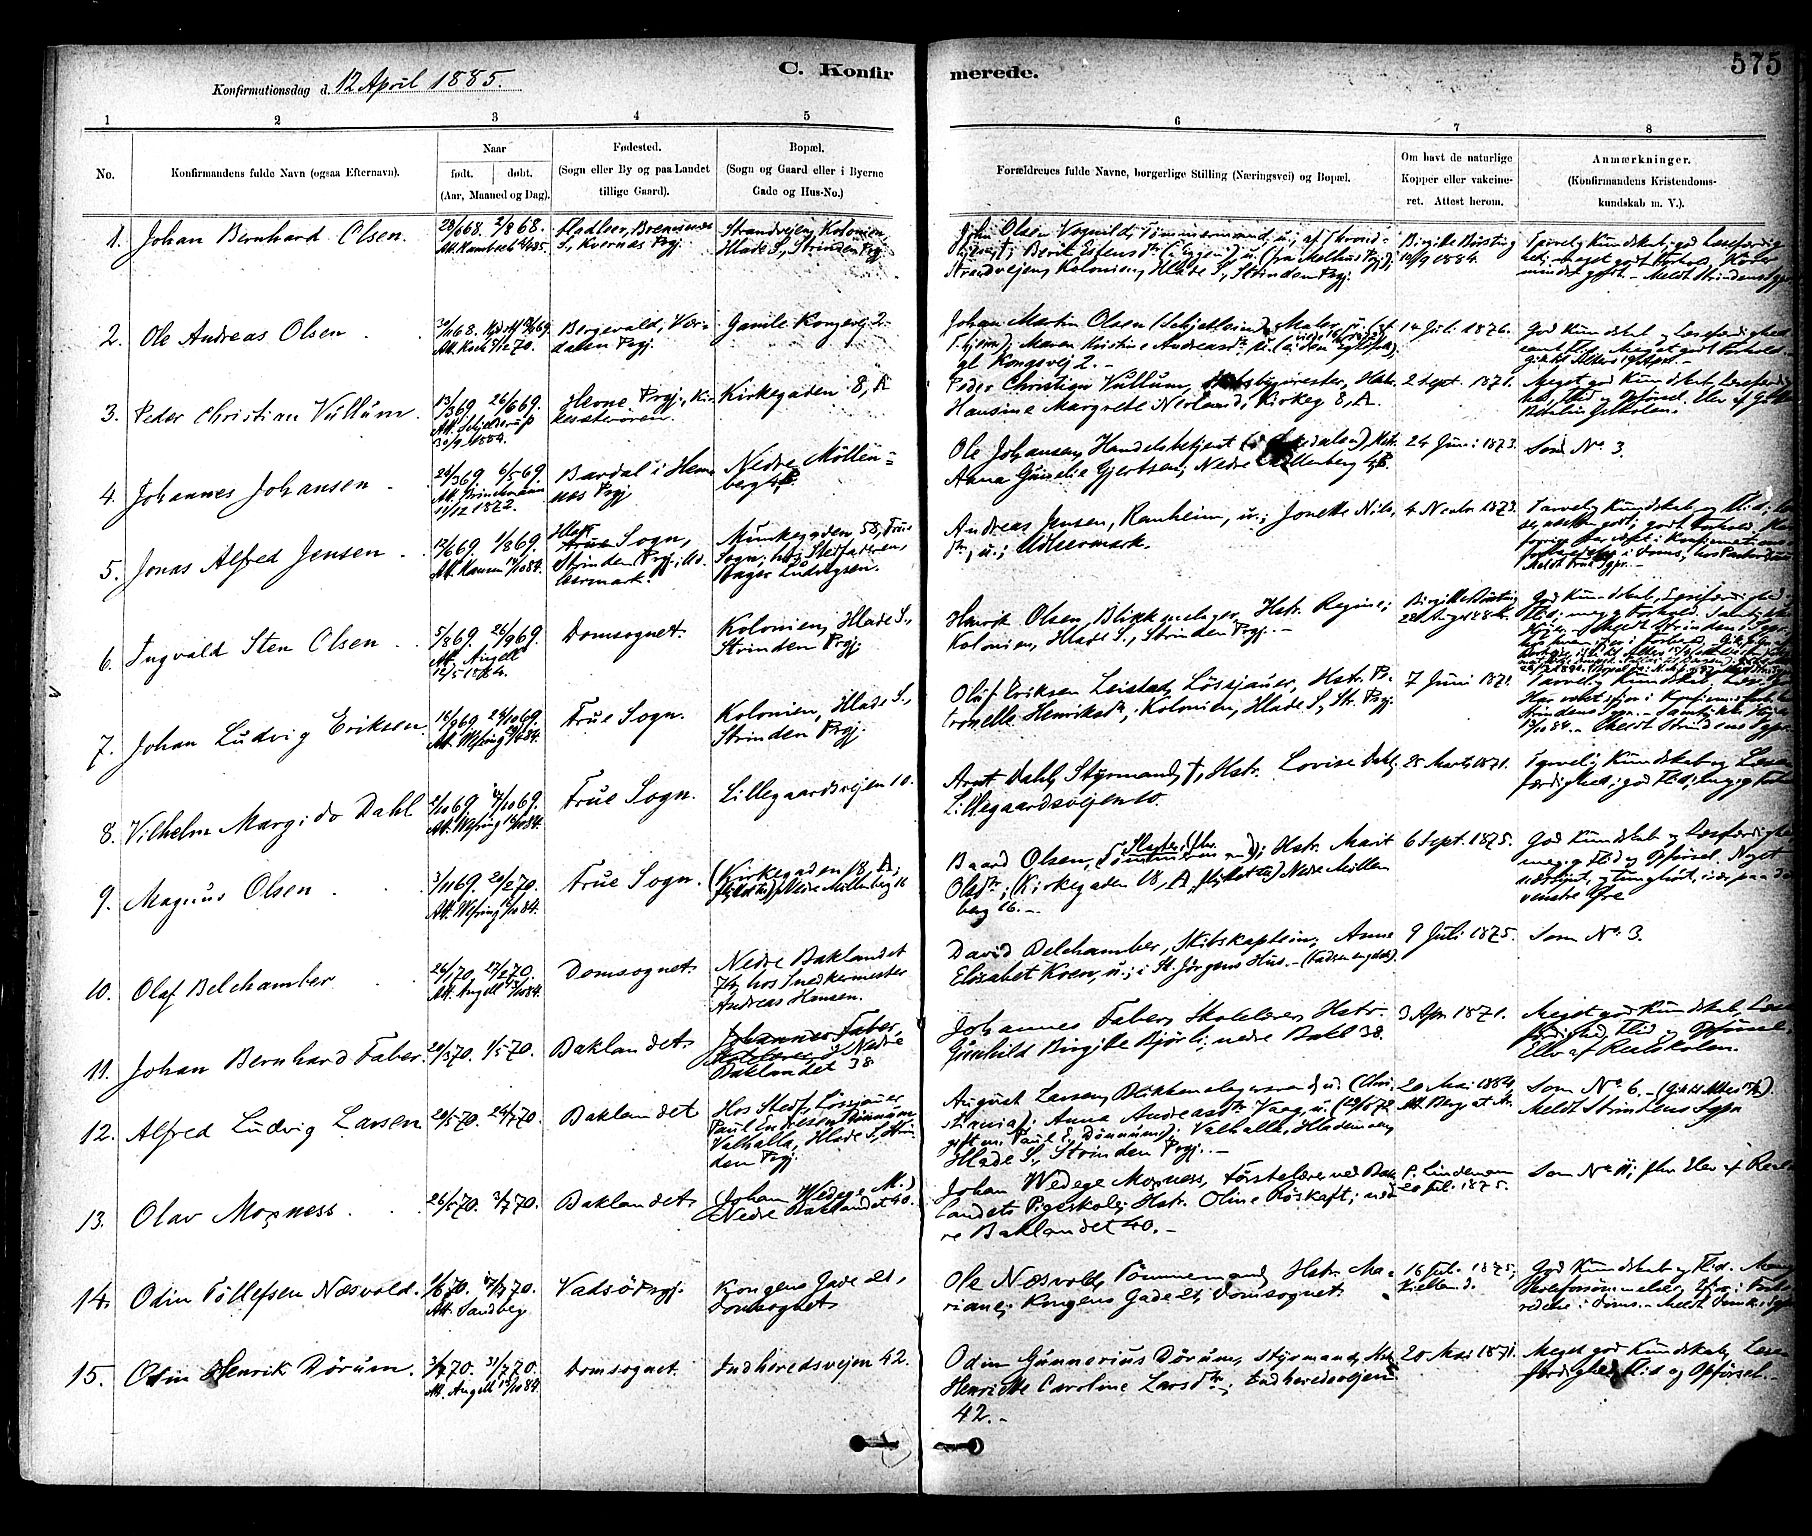 SAT, Ministerialprotokoller, klokkerbøker og fødselsregistre - Sør-Trøndelag, 604/L0188: Ministerialbok nr. 604A09, 1878-1892, s. 575